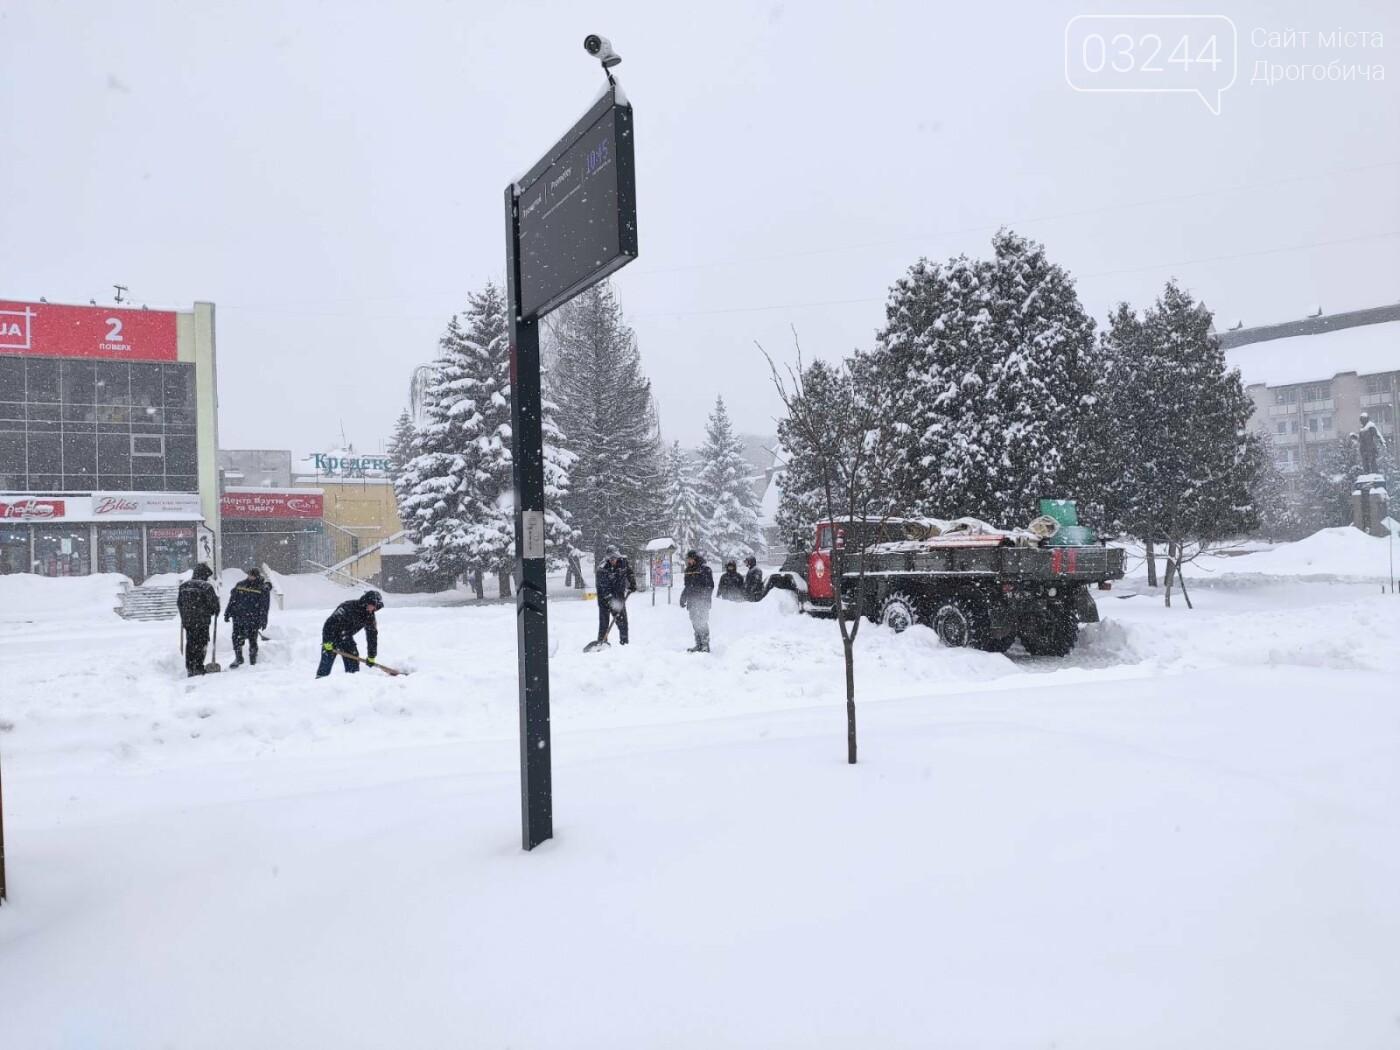 Щоб не замерзнути: у Дрогобичі розгорнули 2 пункти обігріву - один тимчасовий, інший - стаціонарний, фото-4